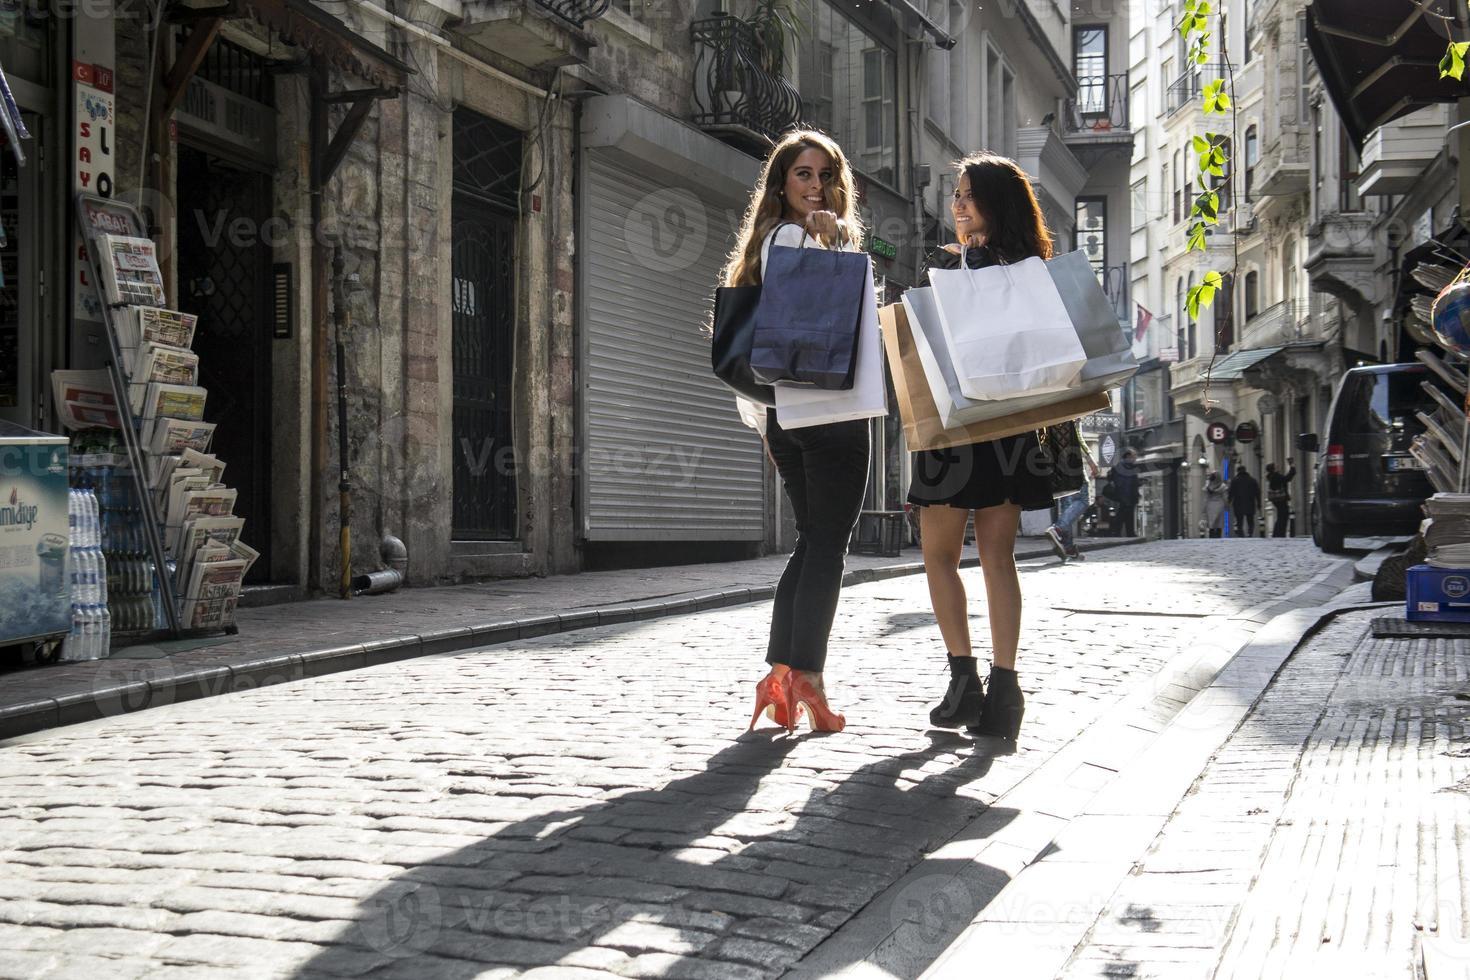 zwei Mädchen beim Einkaufen auf der Straße foto